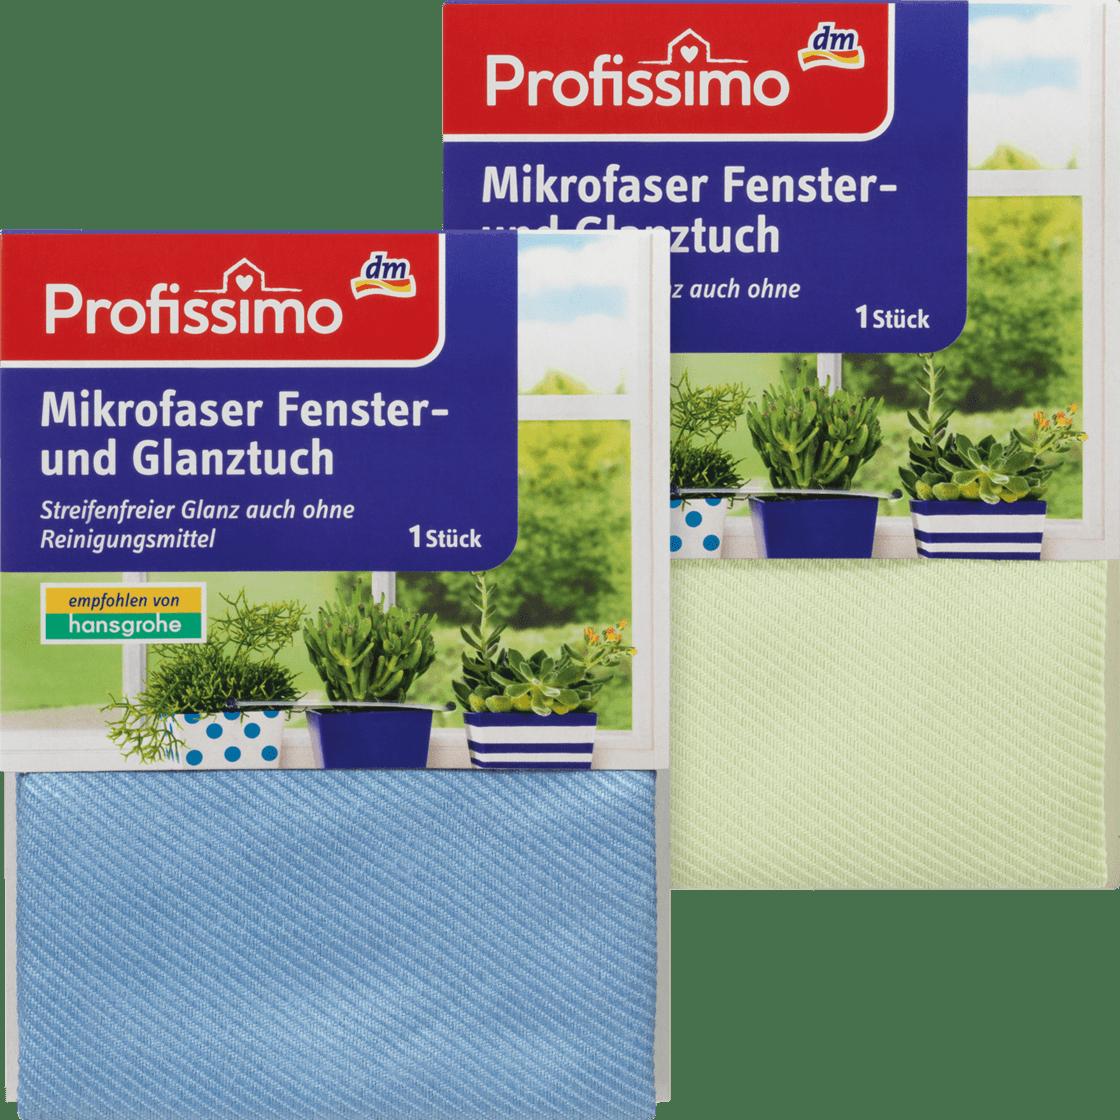 Full Size of Profissimo Fenster Glanztuch Mikrofaser Bewässerungssysteme Garten Test Sicherheitsfolie Dusch Wc Betten Drutex Wohnzimmer Fensterputztuch Test